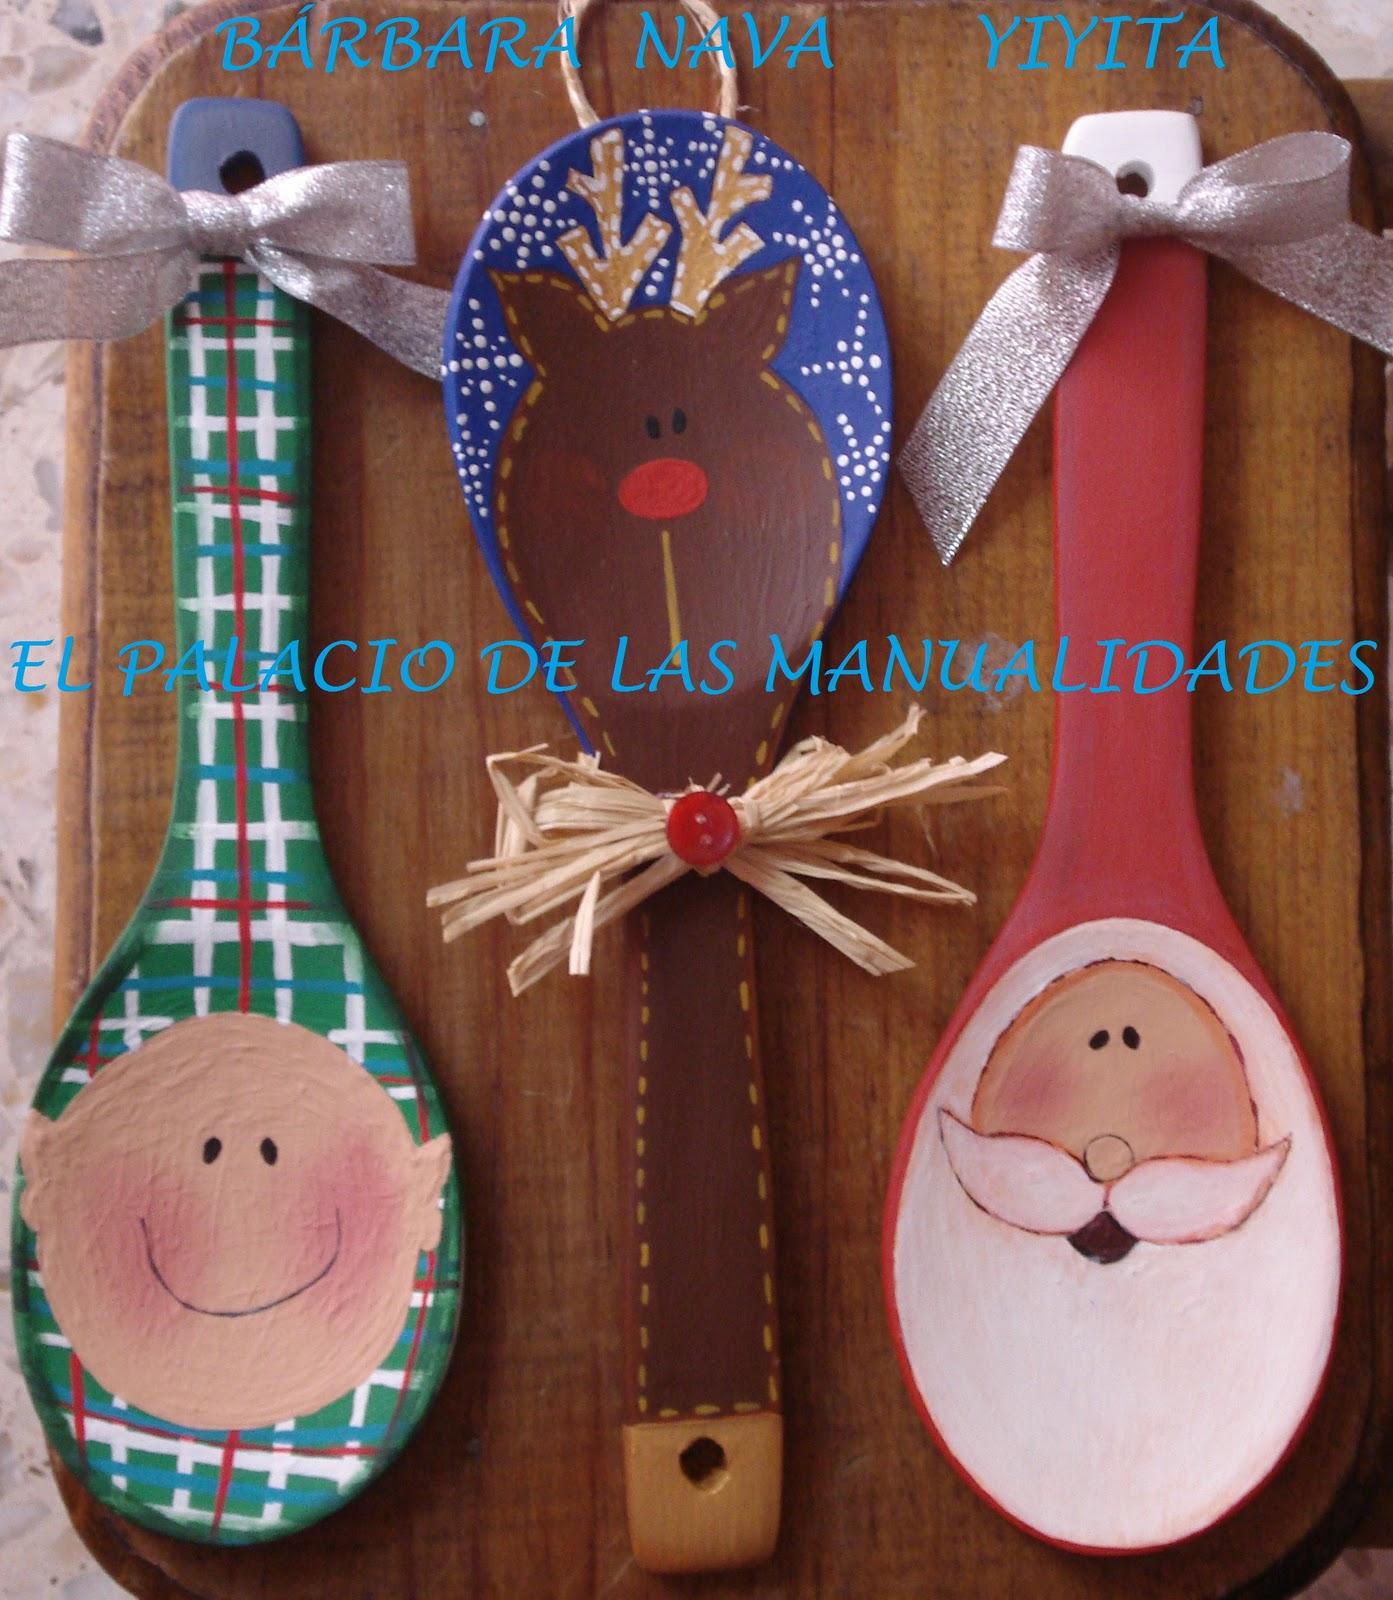 El palacio de las manualidades cucharas navide as for Utensilios de cocina queretaro